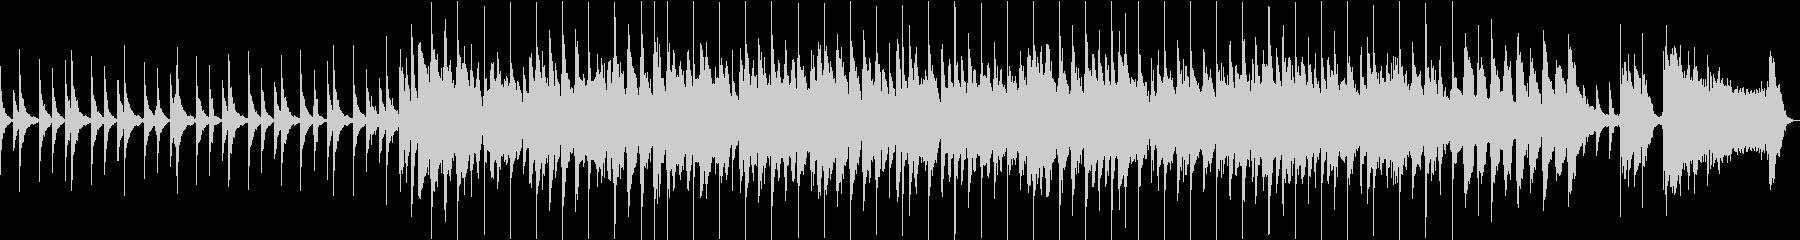 ピアノメインの明るい曲の未再生の波形